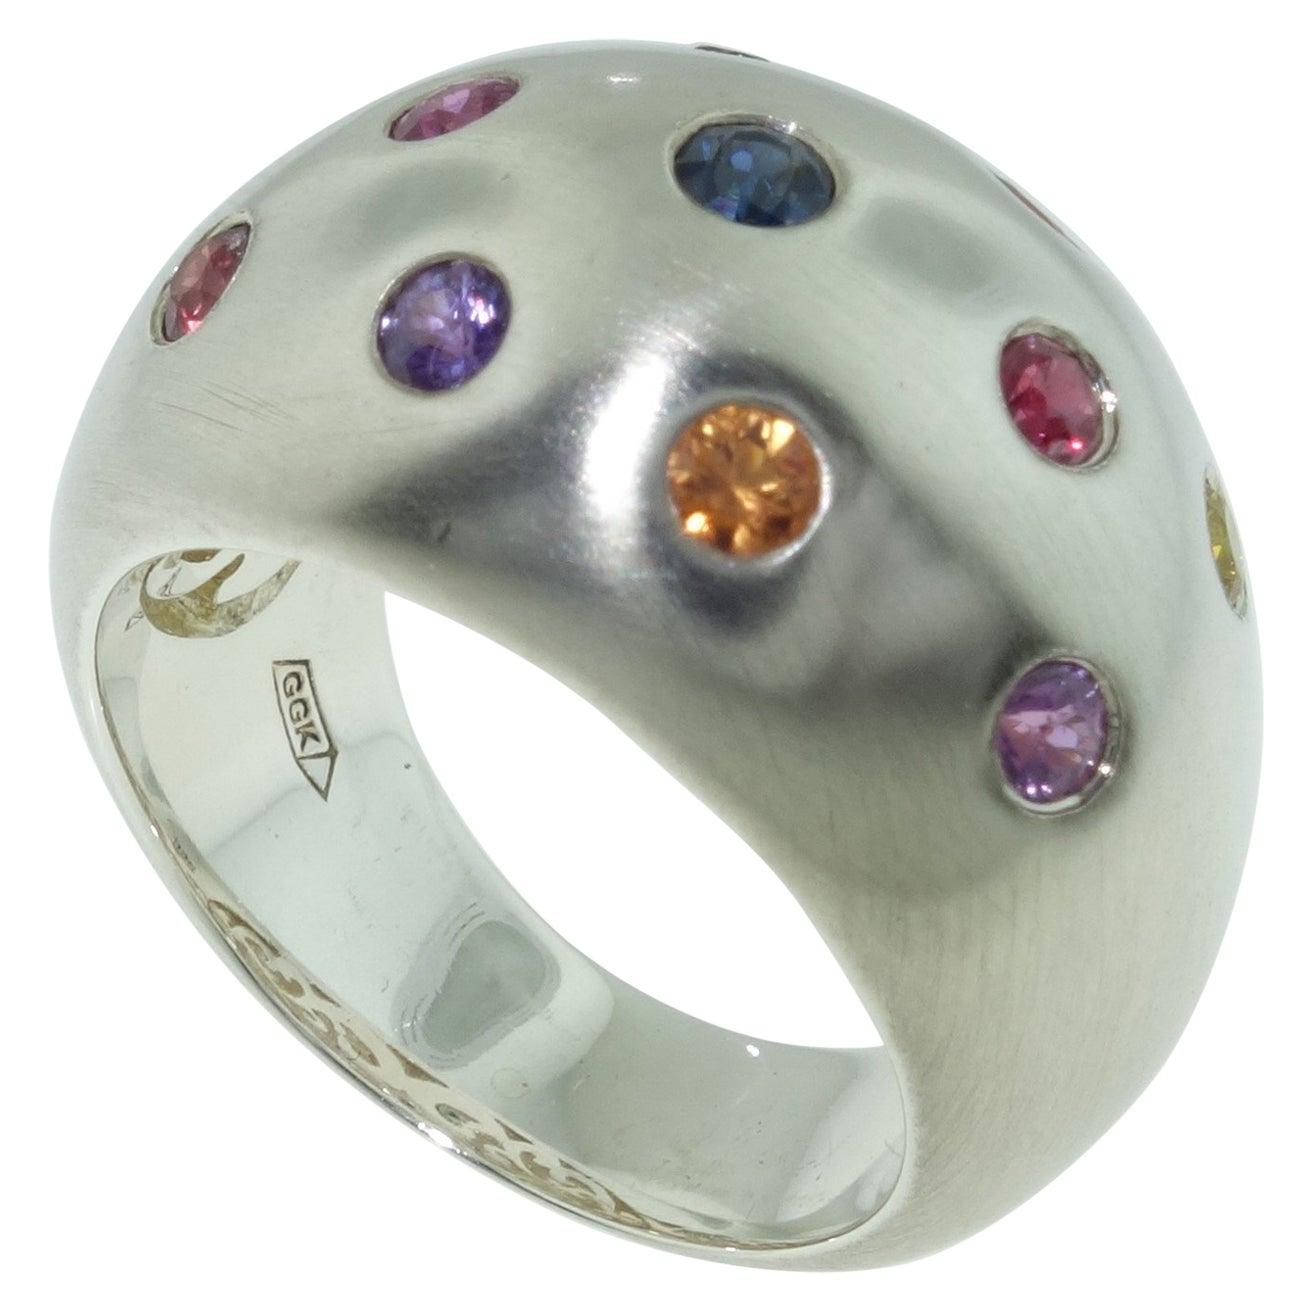 Multicolored Sapphire Gem Dome Statement Ring Estate Fine Jewelry